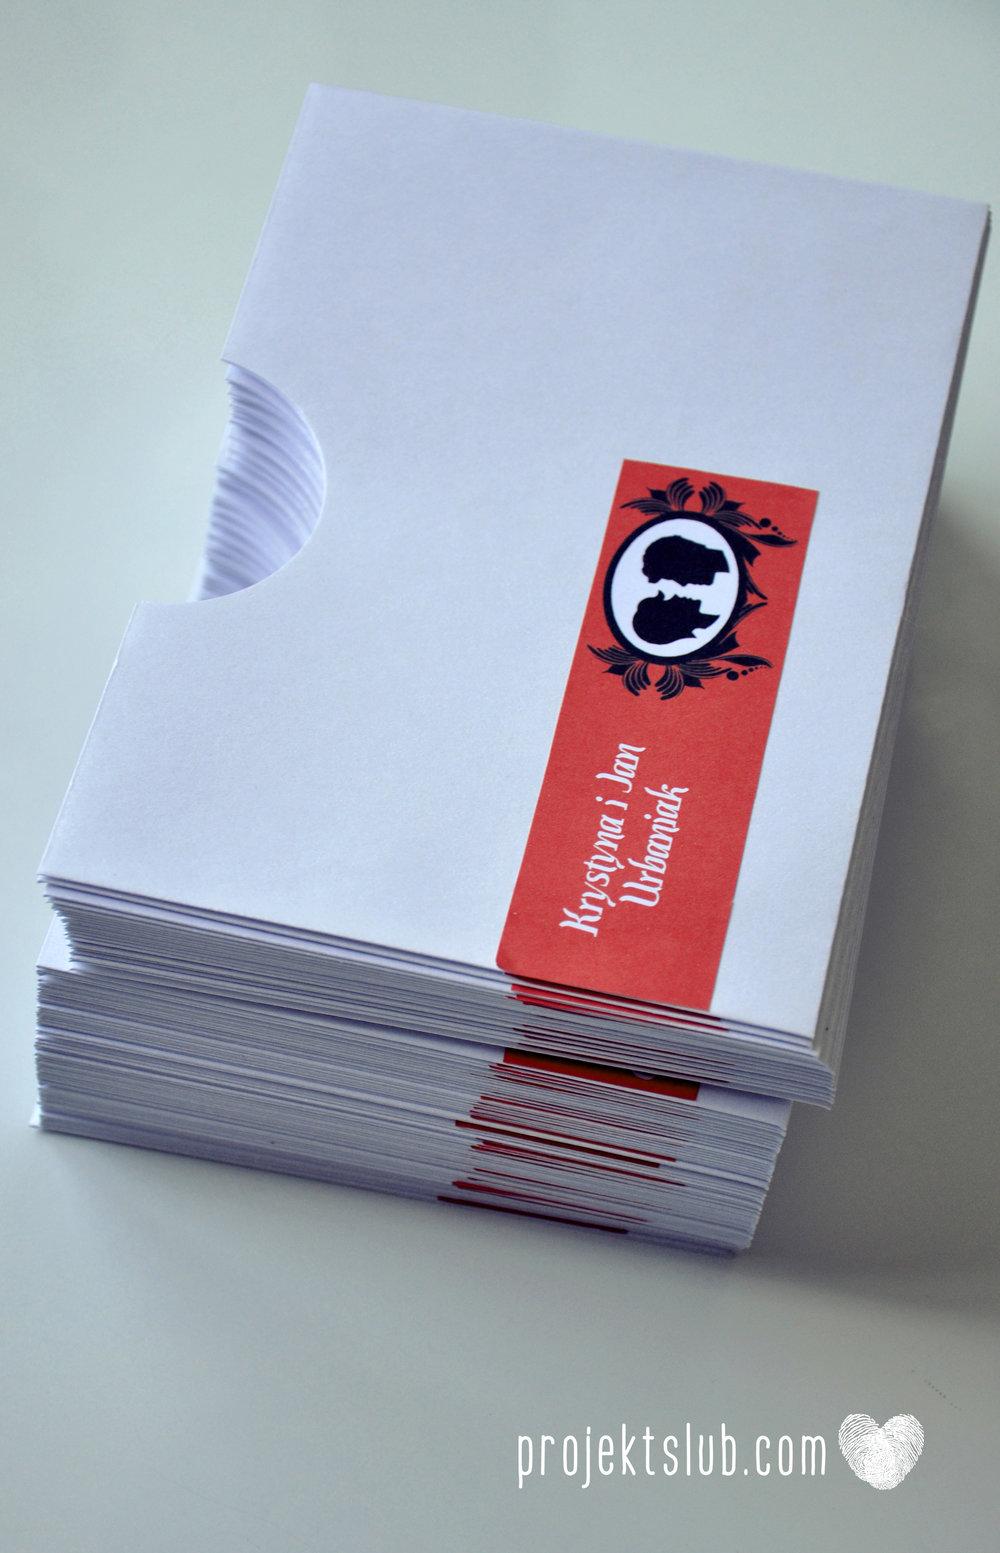 Oryginalne zaproszenie ślubne z kameą czerwone ze wstążką i zdjęciem narzeczonych wyjątkowy design elegancka grafika Czerwień Kamei Projekt Ślub (10).jpg